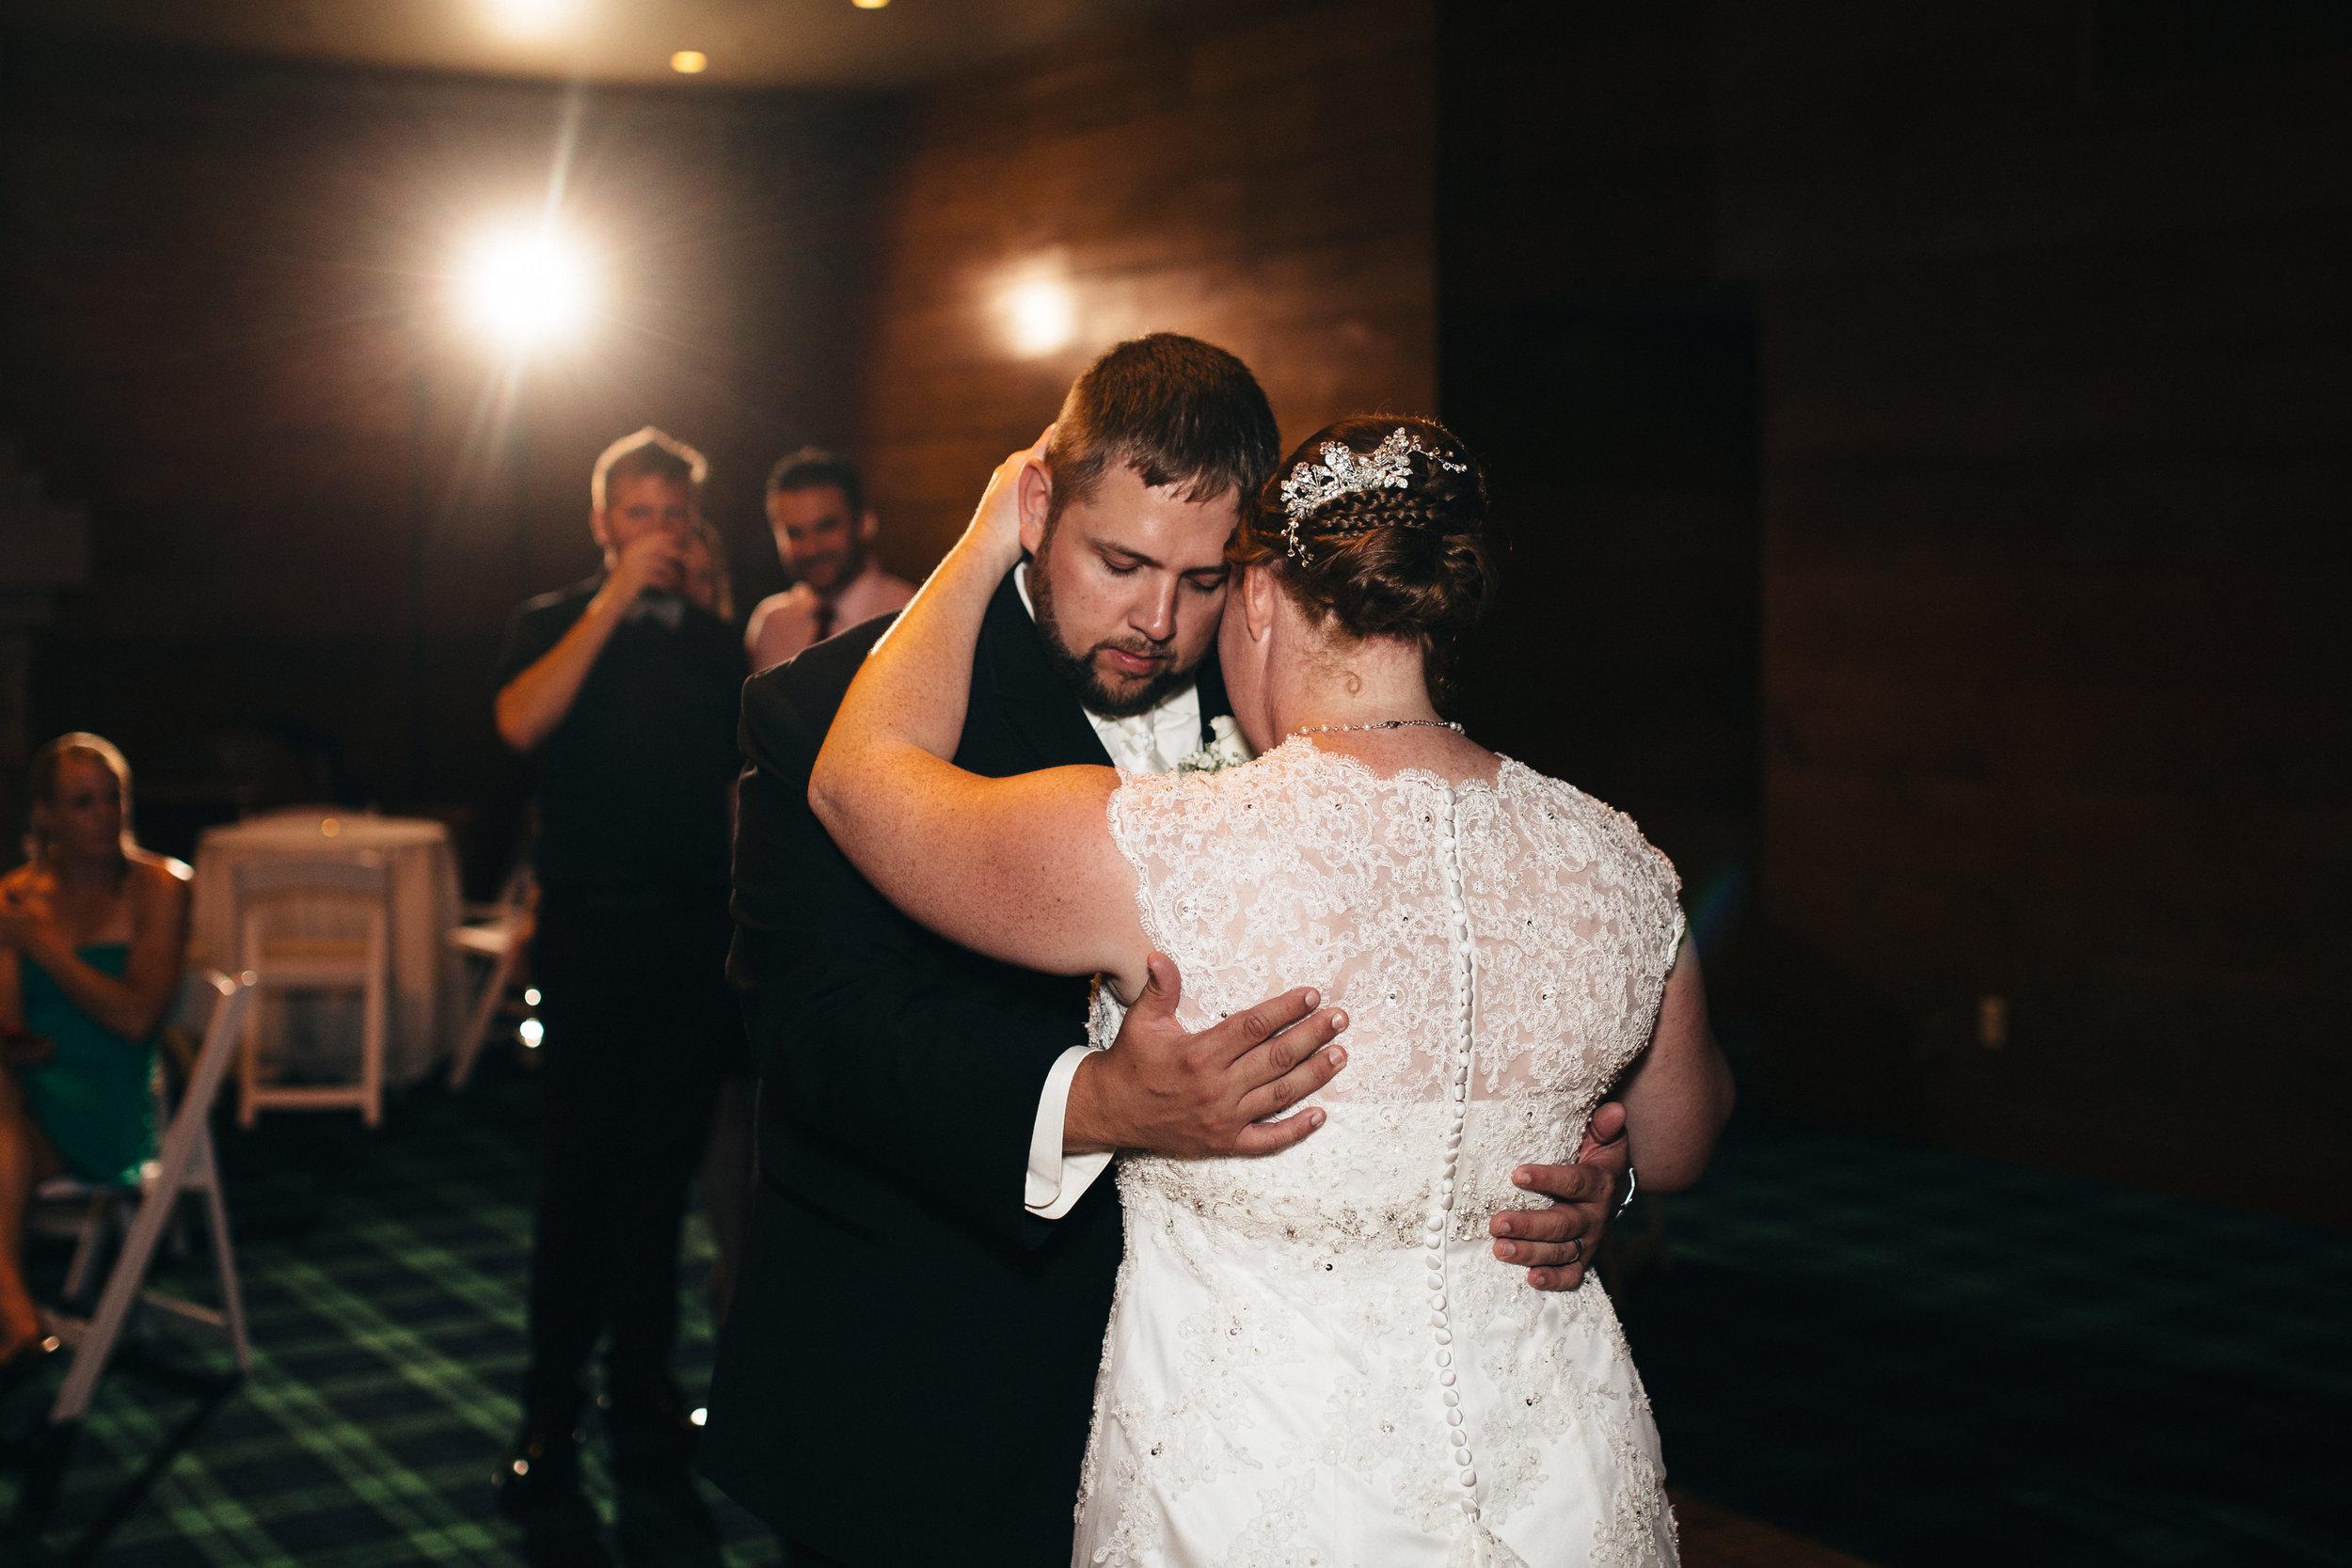 First dance at wedding reception at Walden Inn.